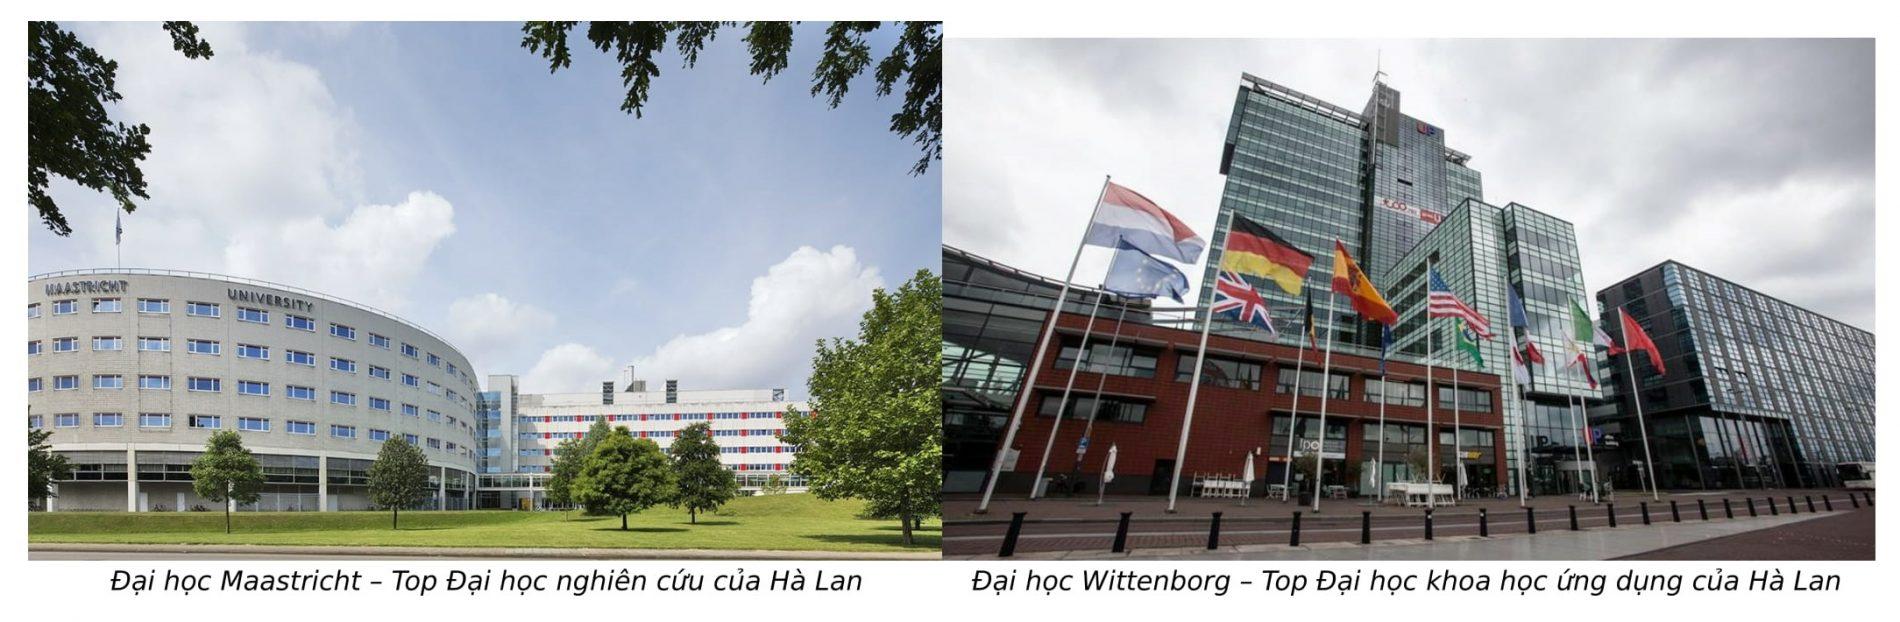 Top Đại học khoa học ứng dụng và Đại học nghiên cứu tại Hà Lan